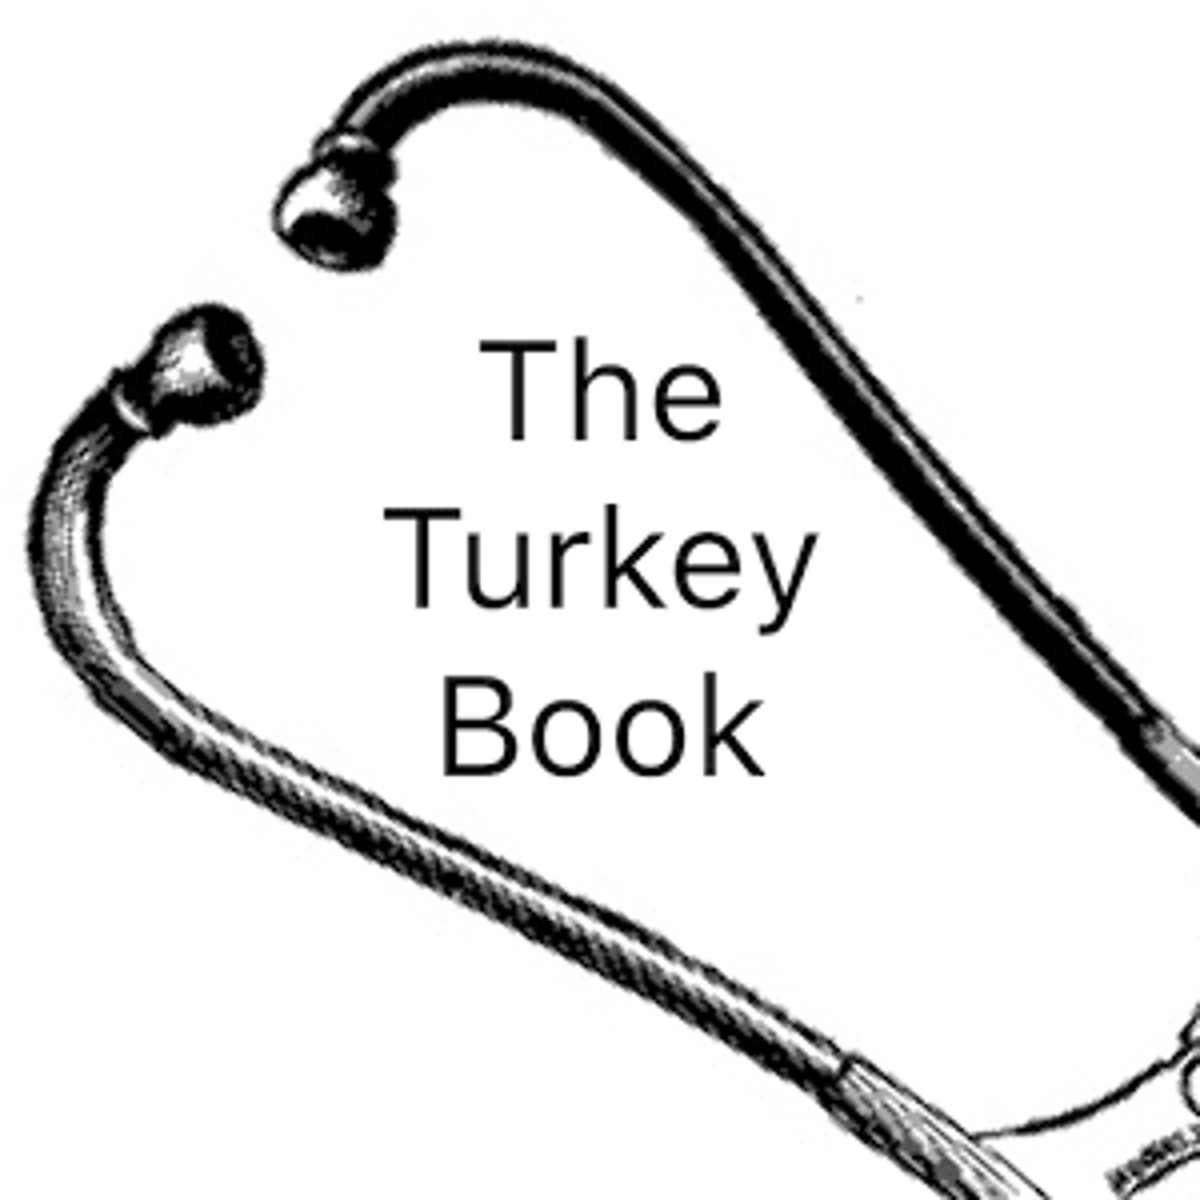 Turkey Book 6.0.0